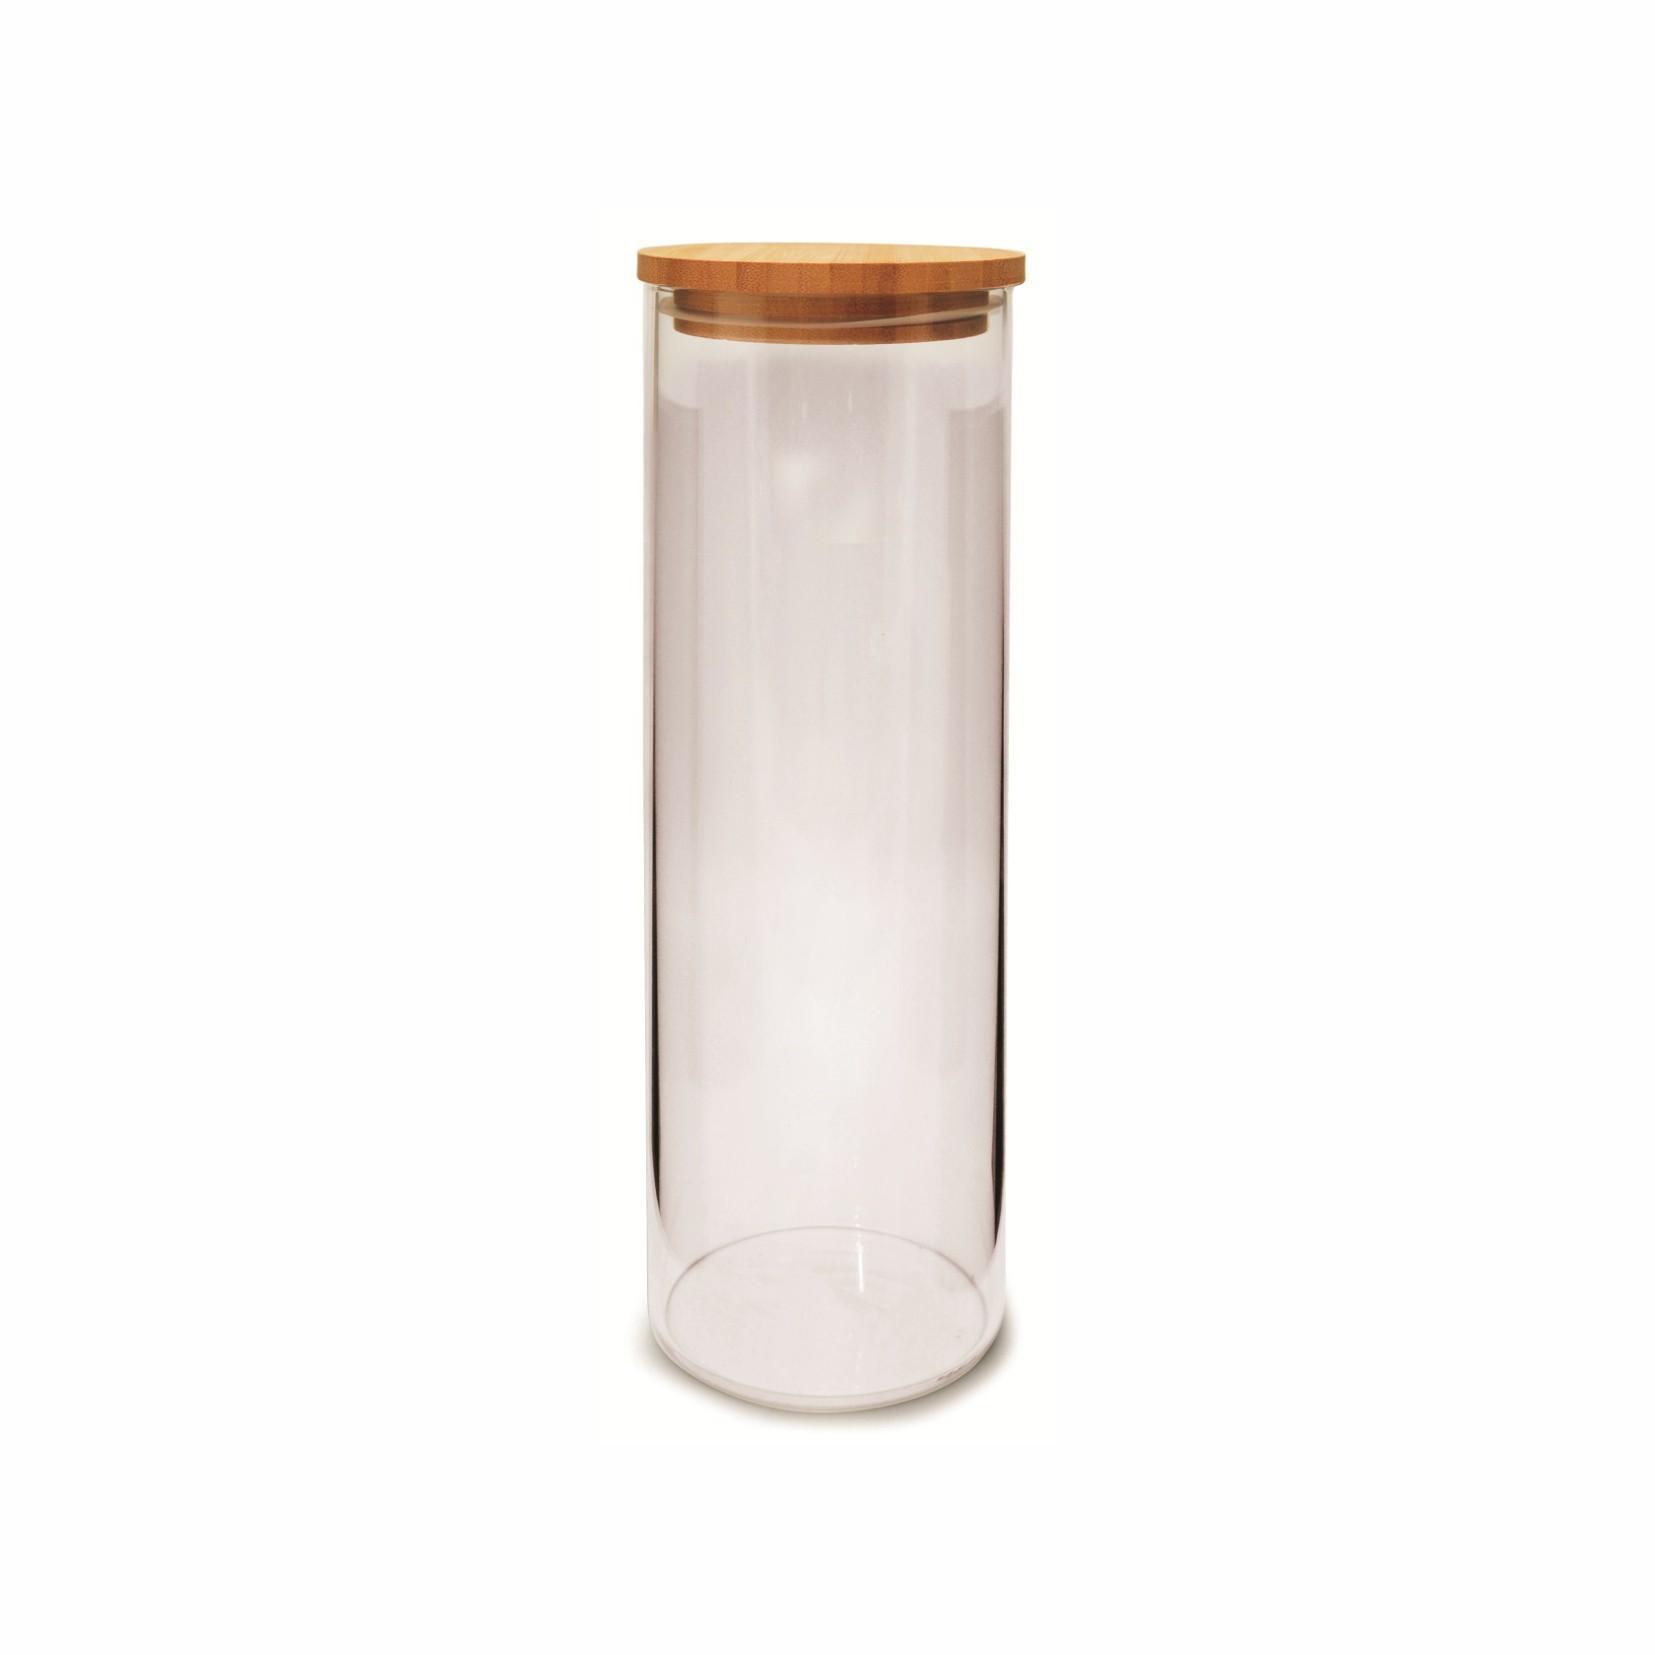 Pote Vidro Com Tampa Hermética De Bambu Eco 1,65L - Yoi